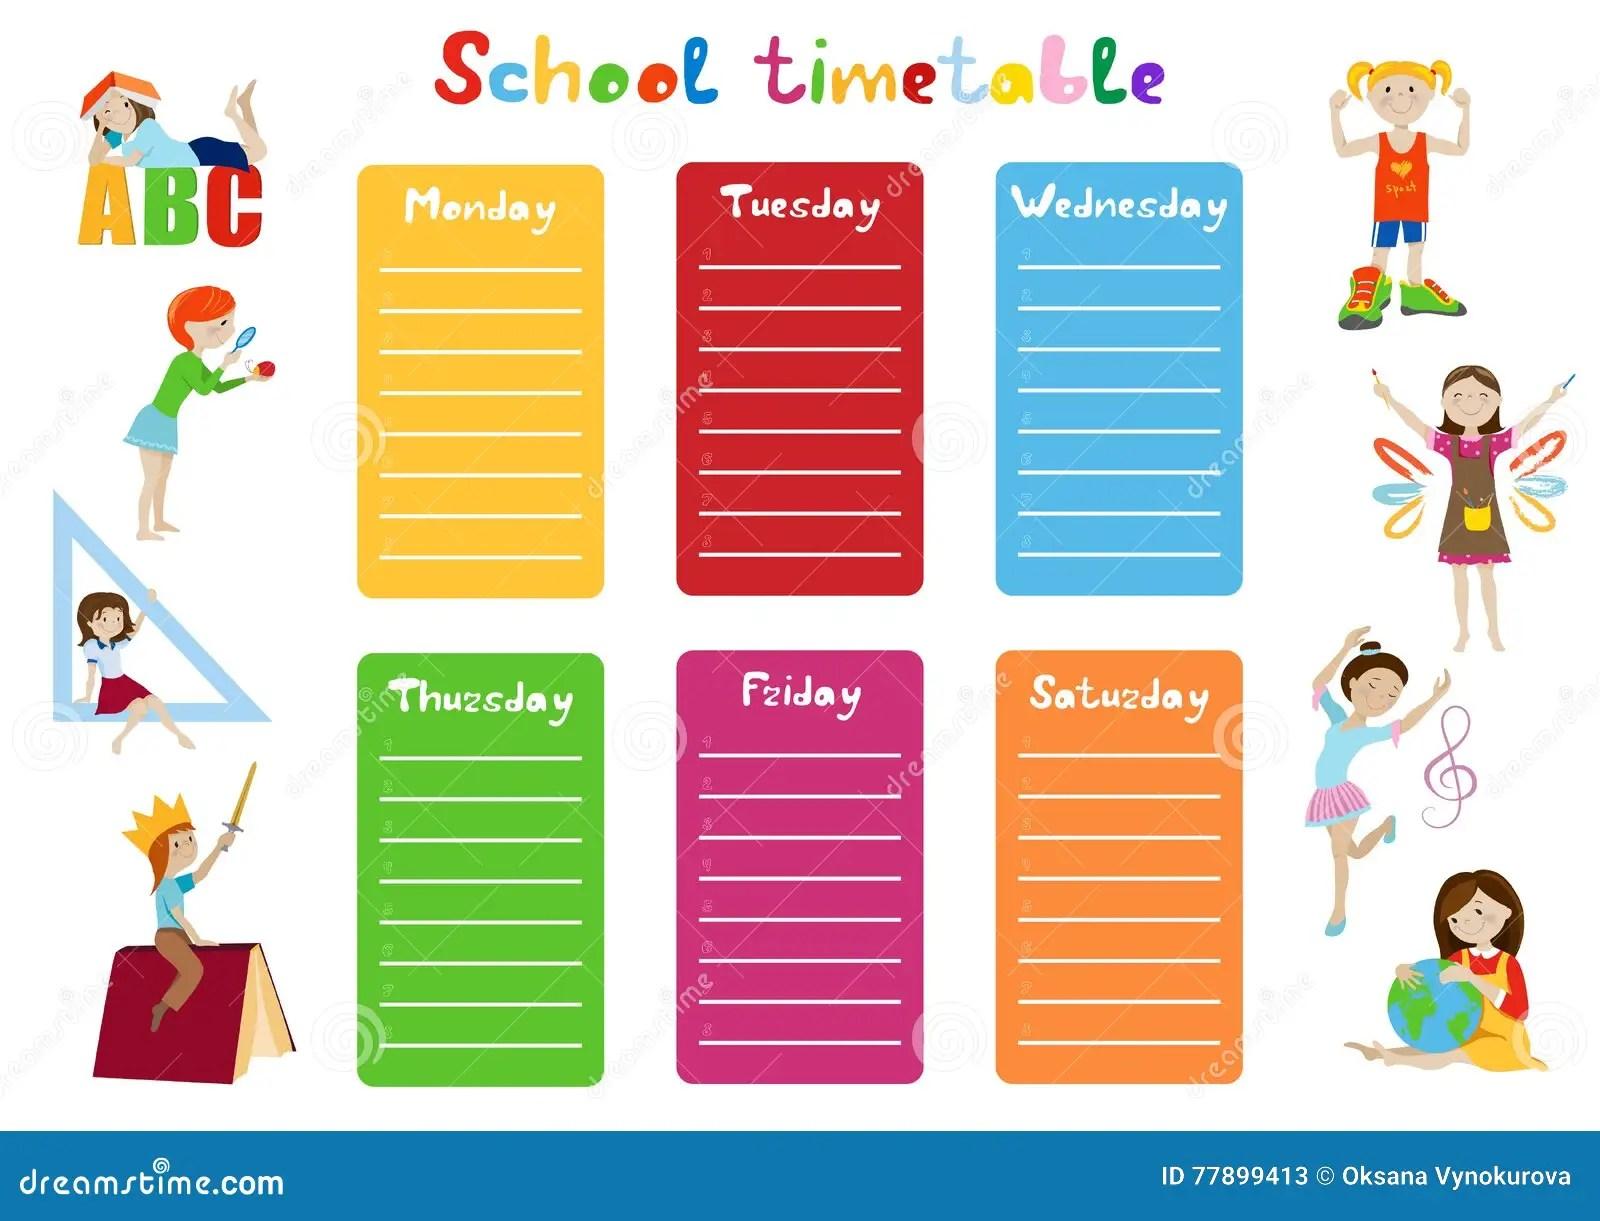 School Timetable Kids Weekly Schedule Vector Stock Vector